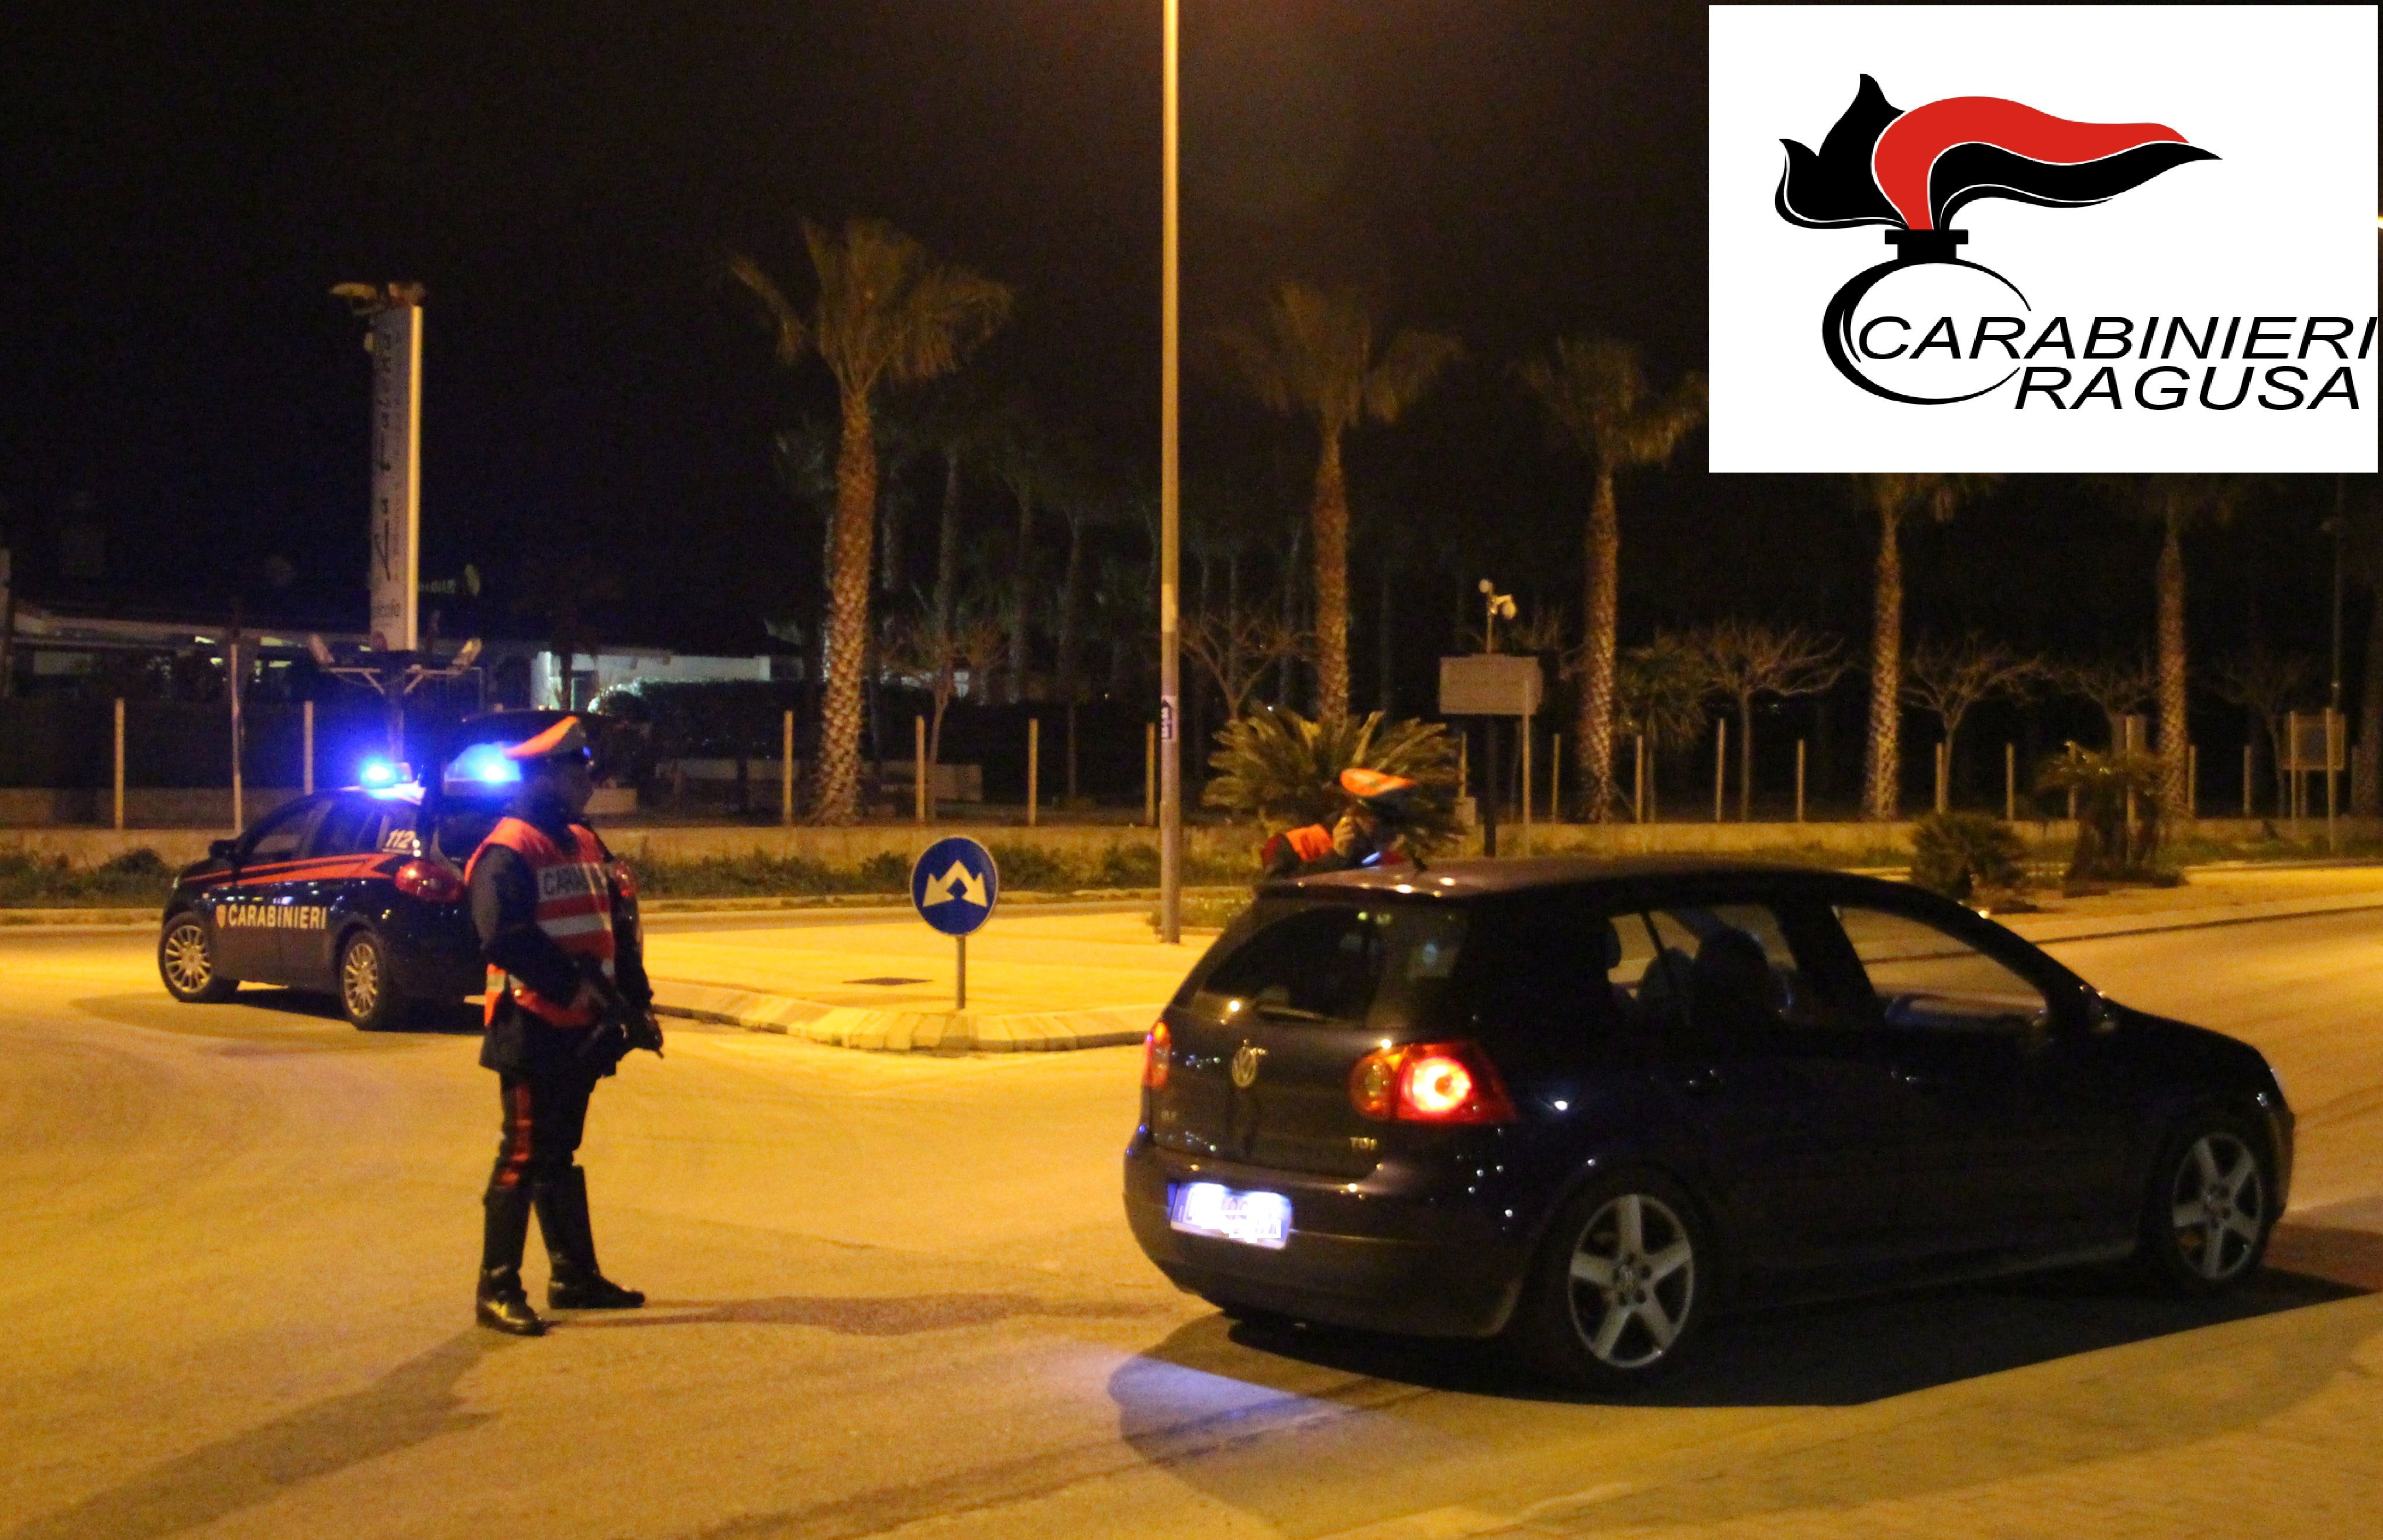 S.Croce, tunisino aggredisce carabiniere: arrestato. Espulsi altri due irregolari